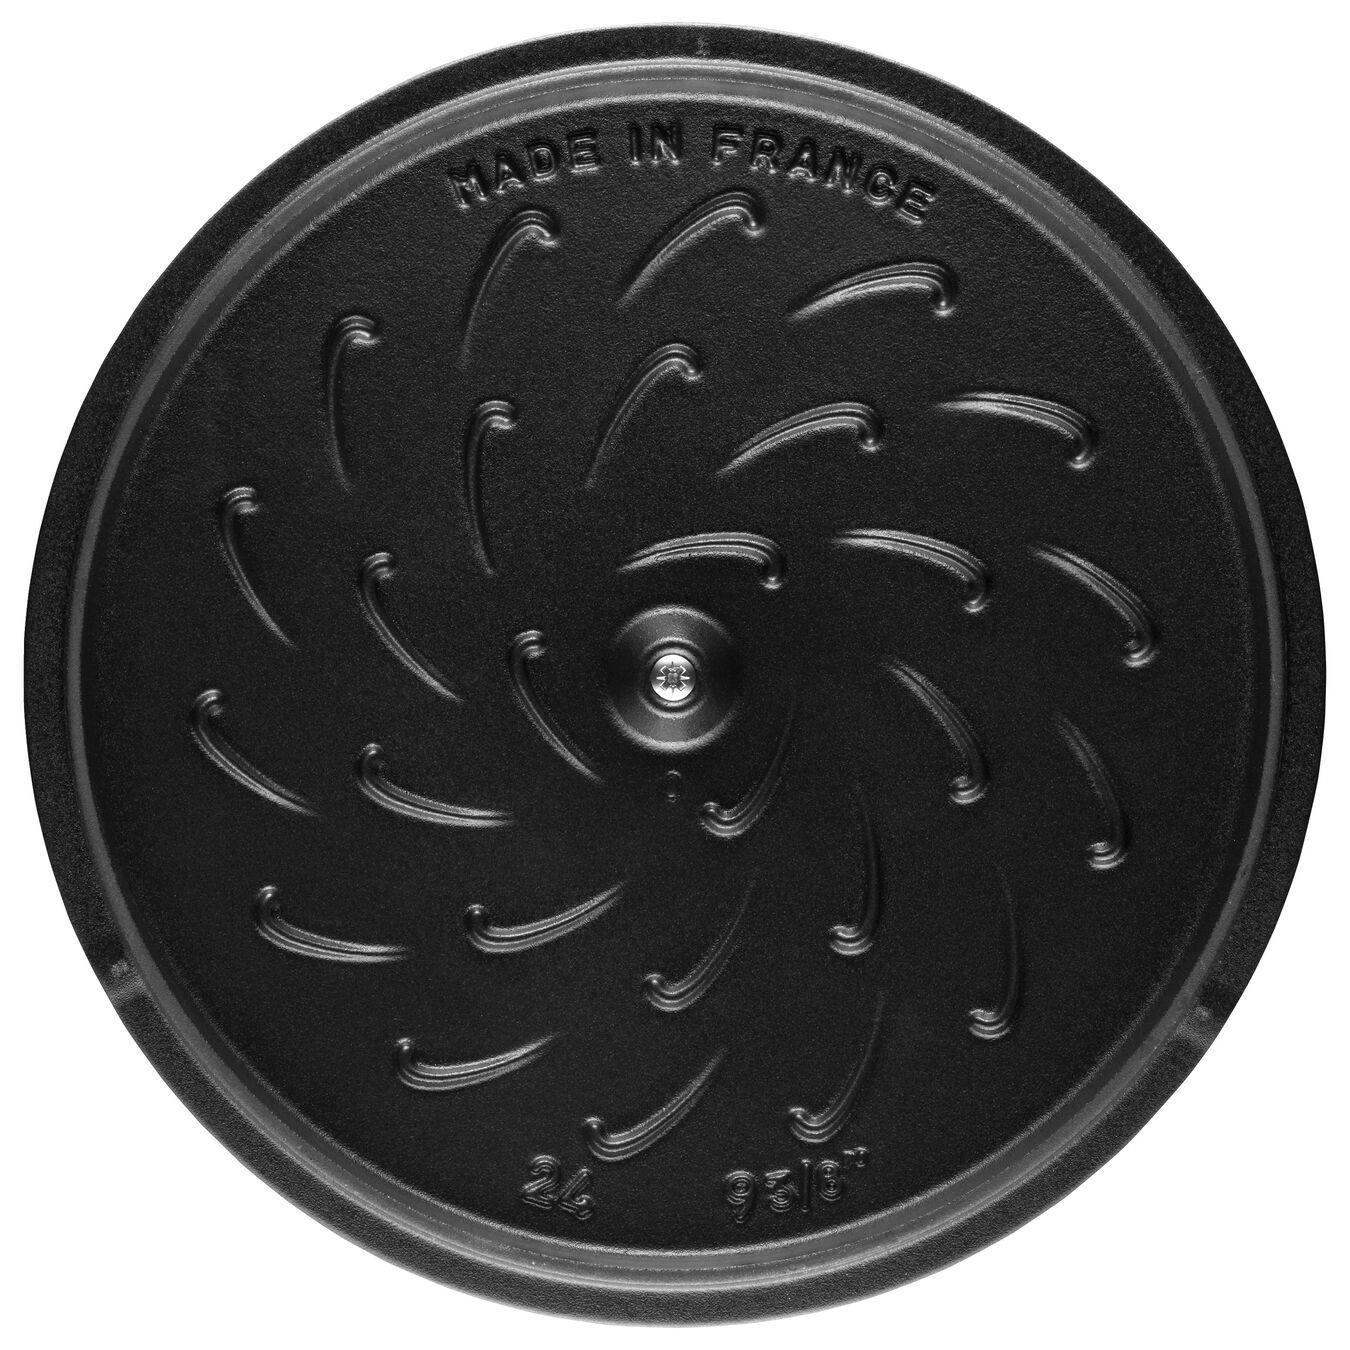 Schmorpfanne 24 cm, Gusseisen,,large 2